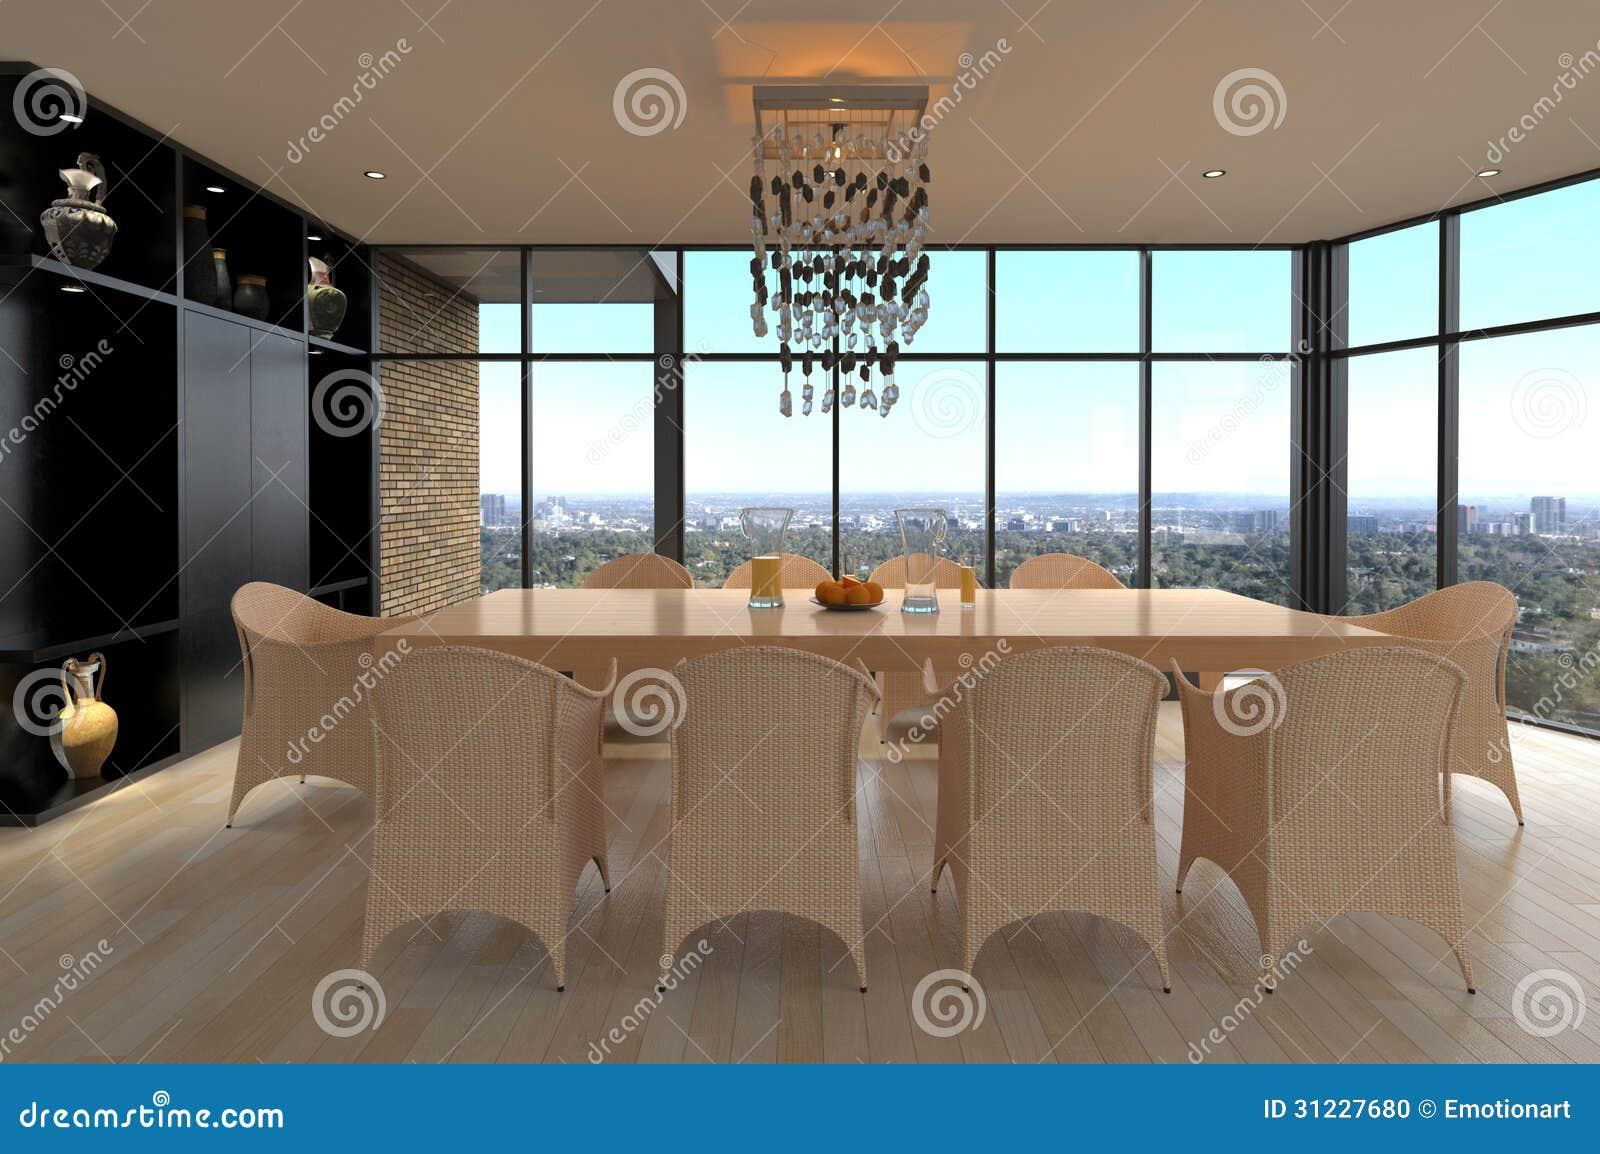 Comedor Del Diseño Moderno | Interior De La Sala De Estar Foto de ...